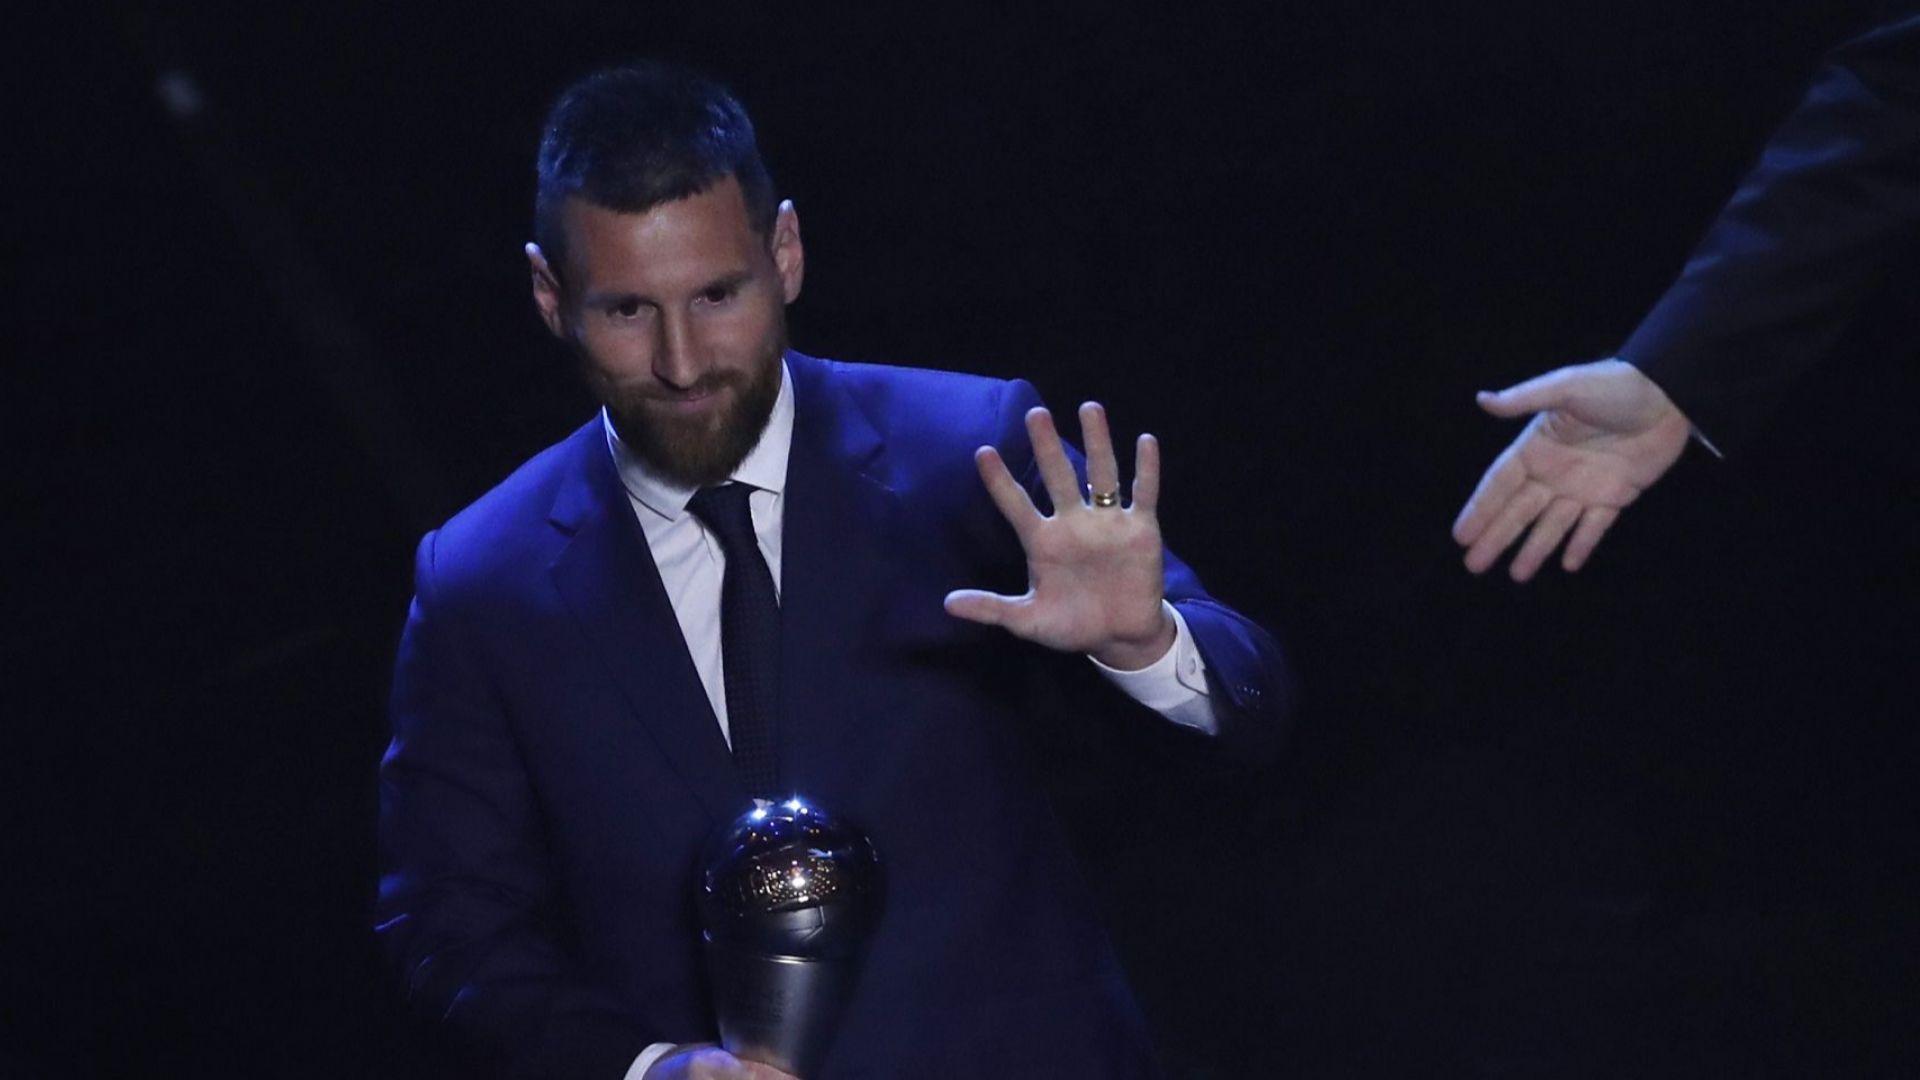 Геният Лео Меси е играч №1 на ФИФА